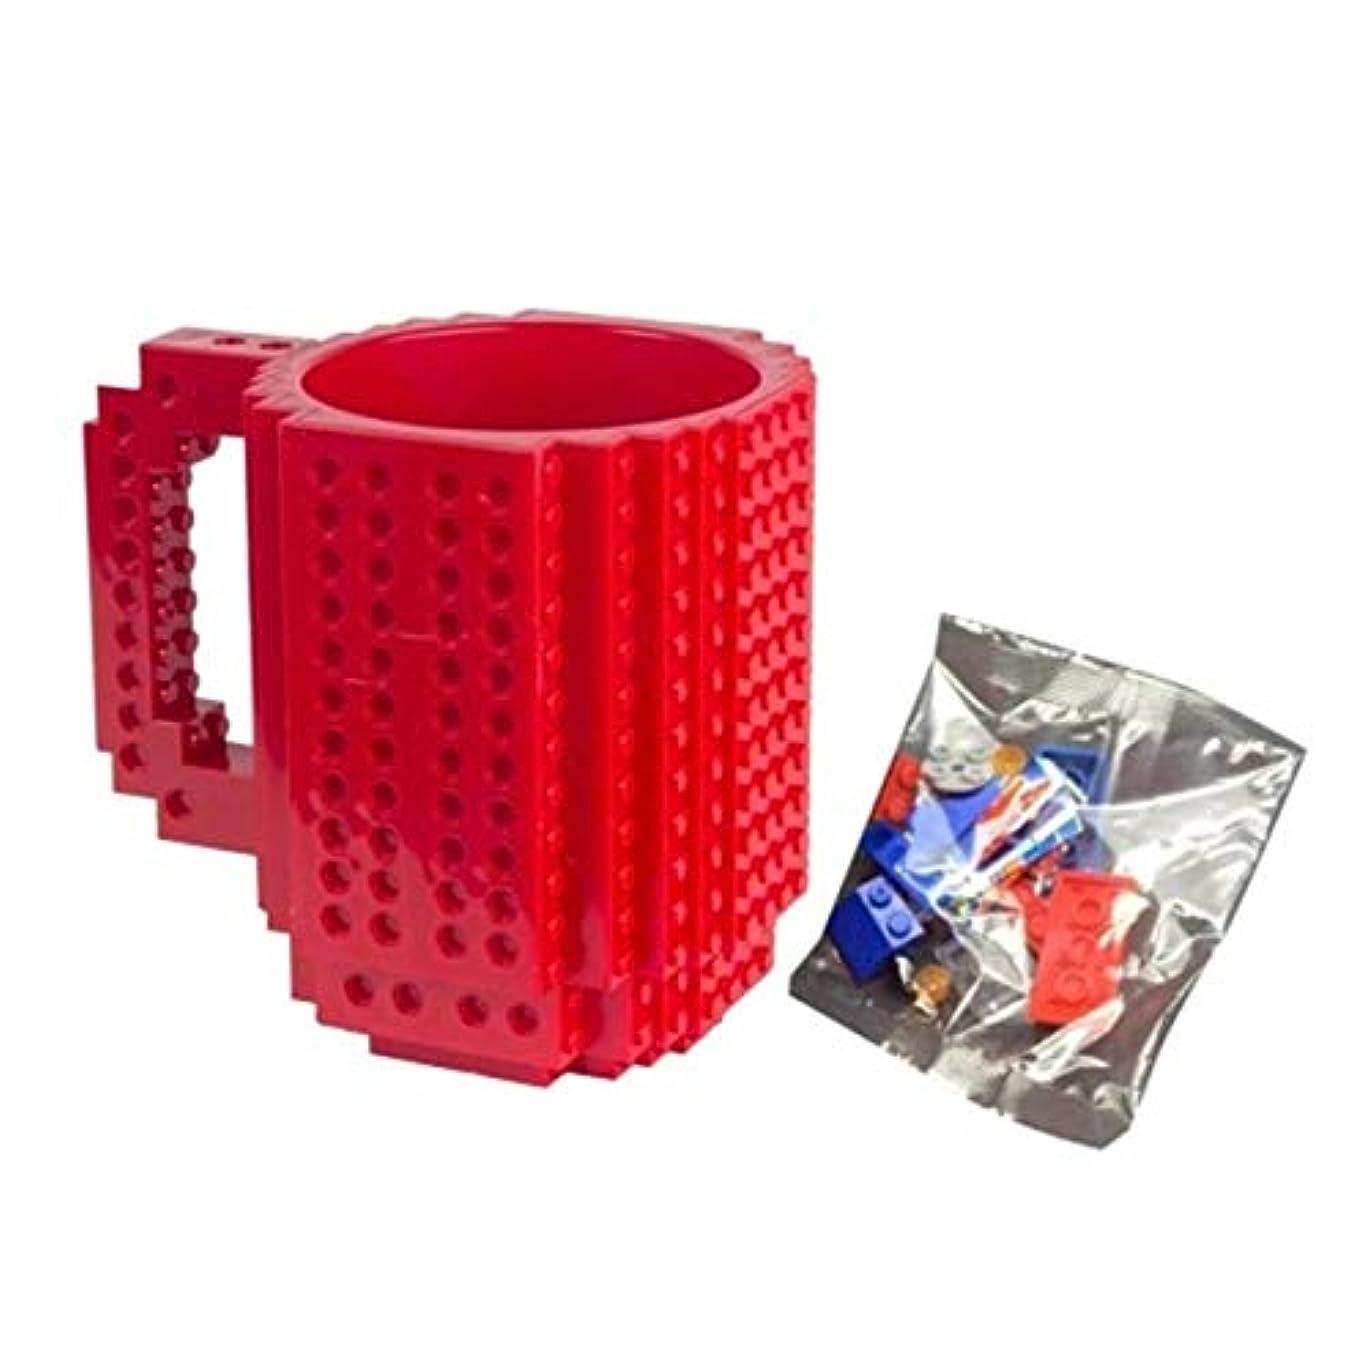 タイムリーな覆すバレルSaikogoods レンガマグカップDIY?ビルディング?ブロックのコーヒーカップを構築 赤